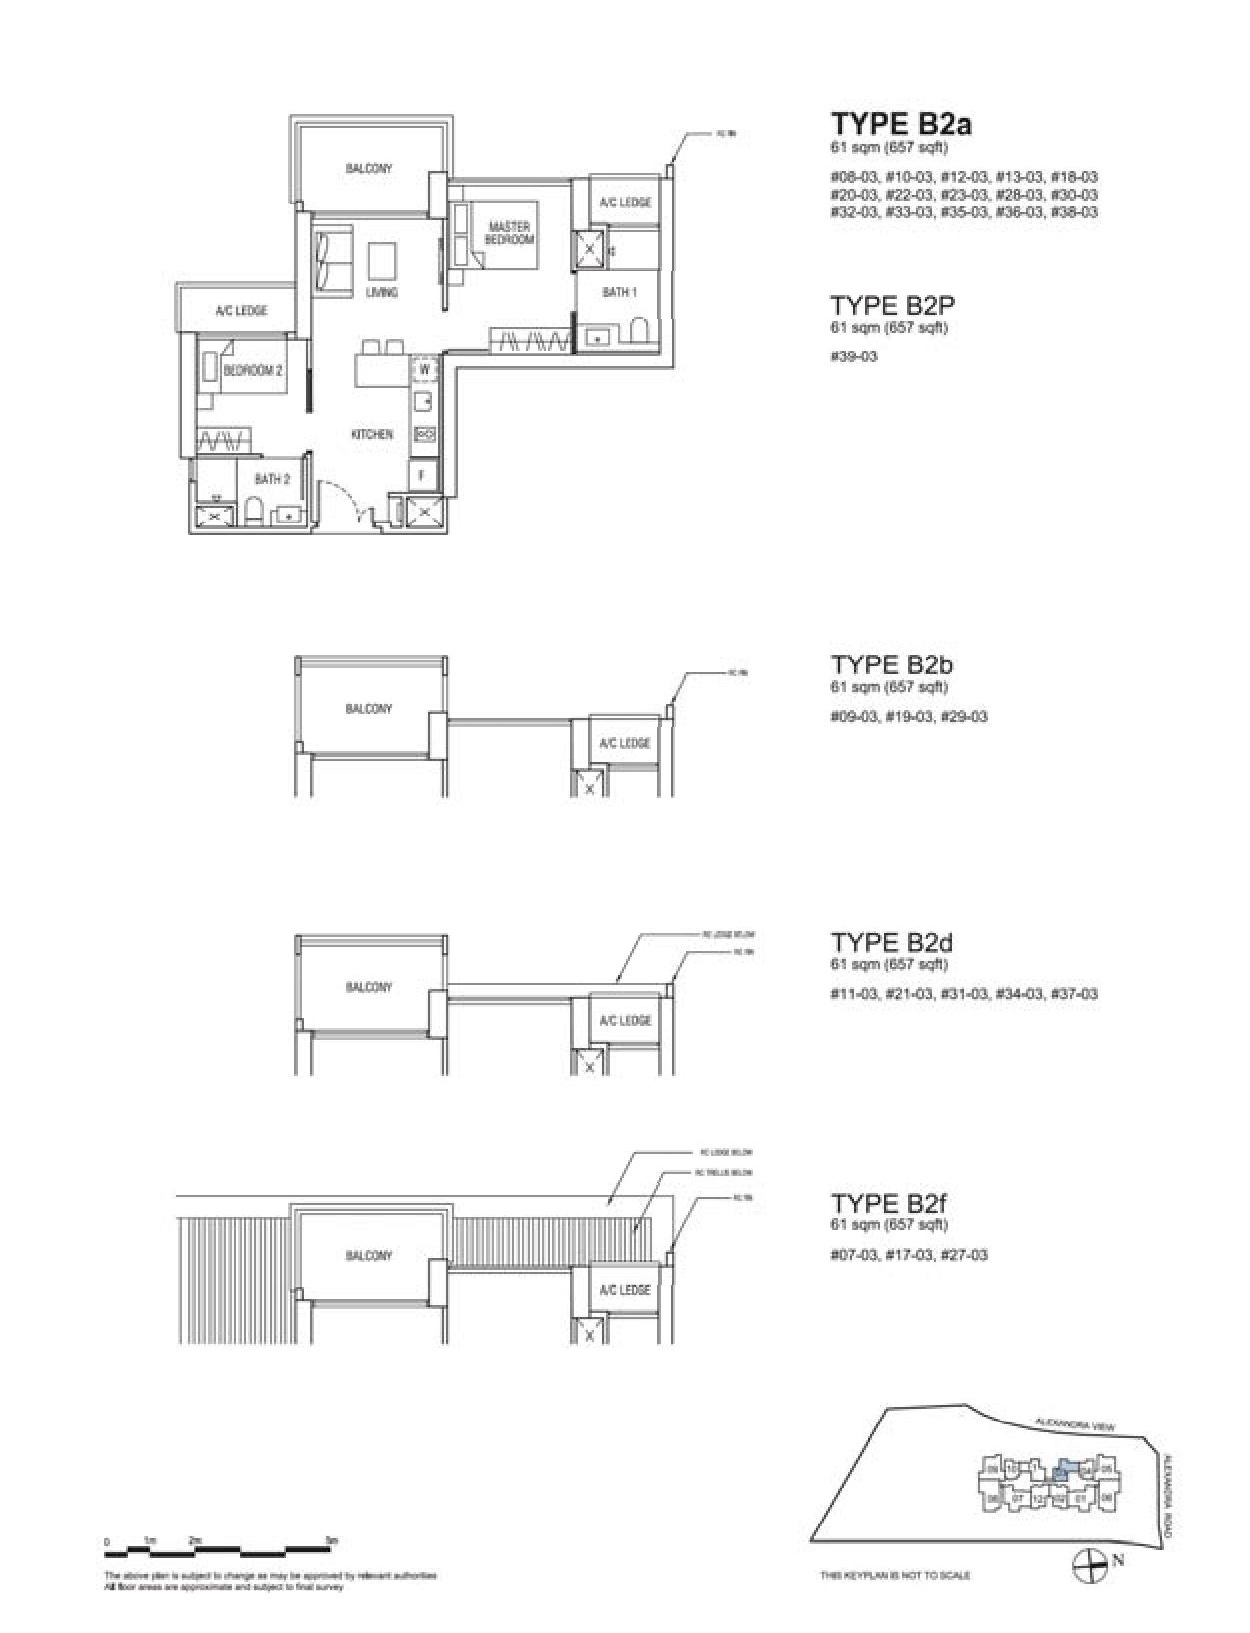 Alex Residences 2 Bedroom Type B2a, B2P, B2b, B2d, B2f Floor Plans